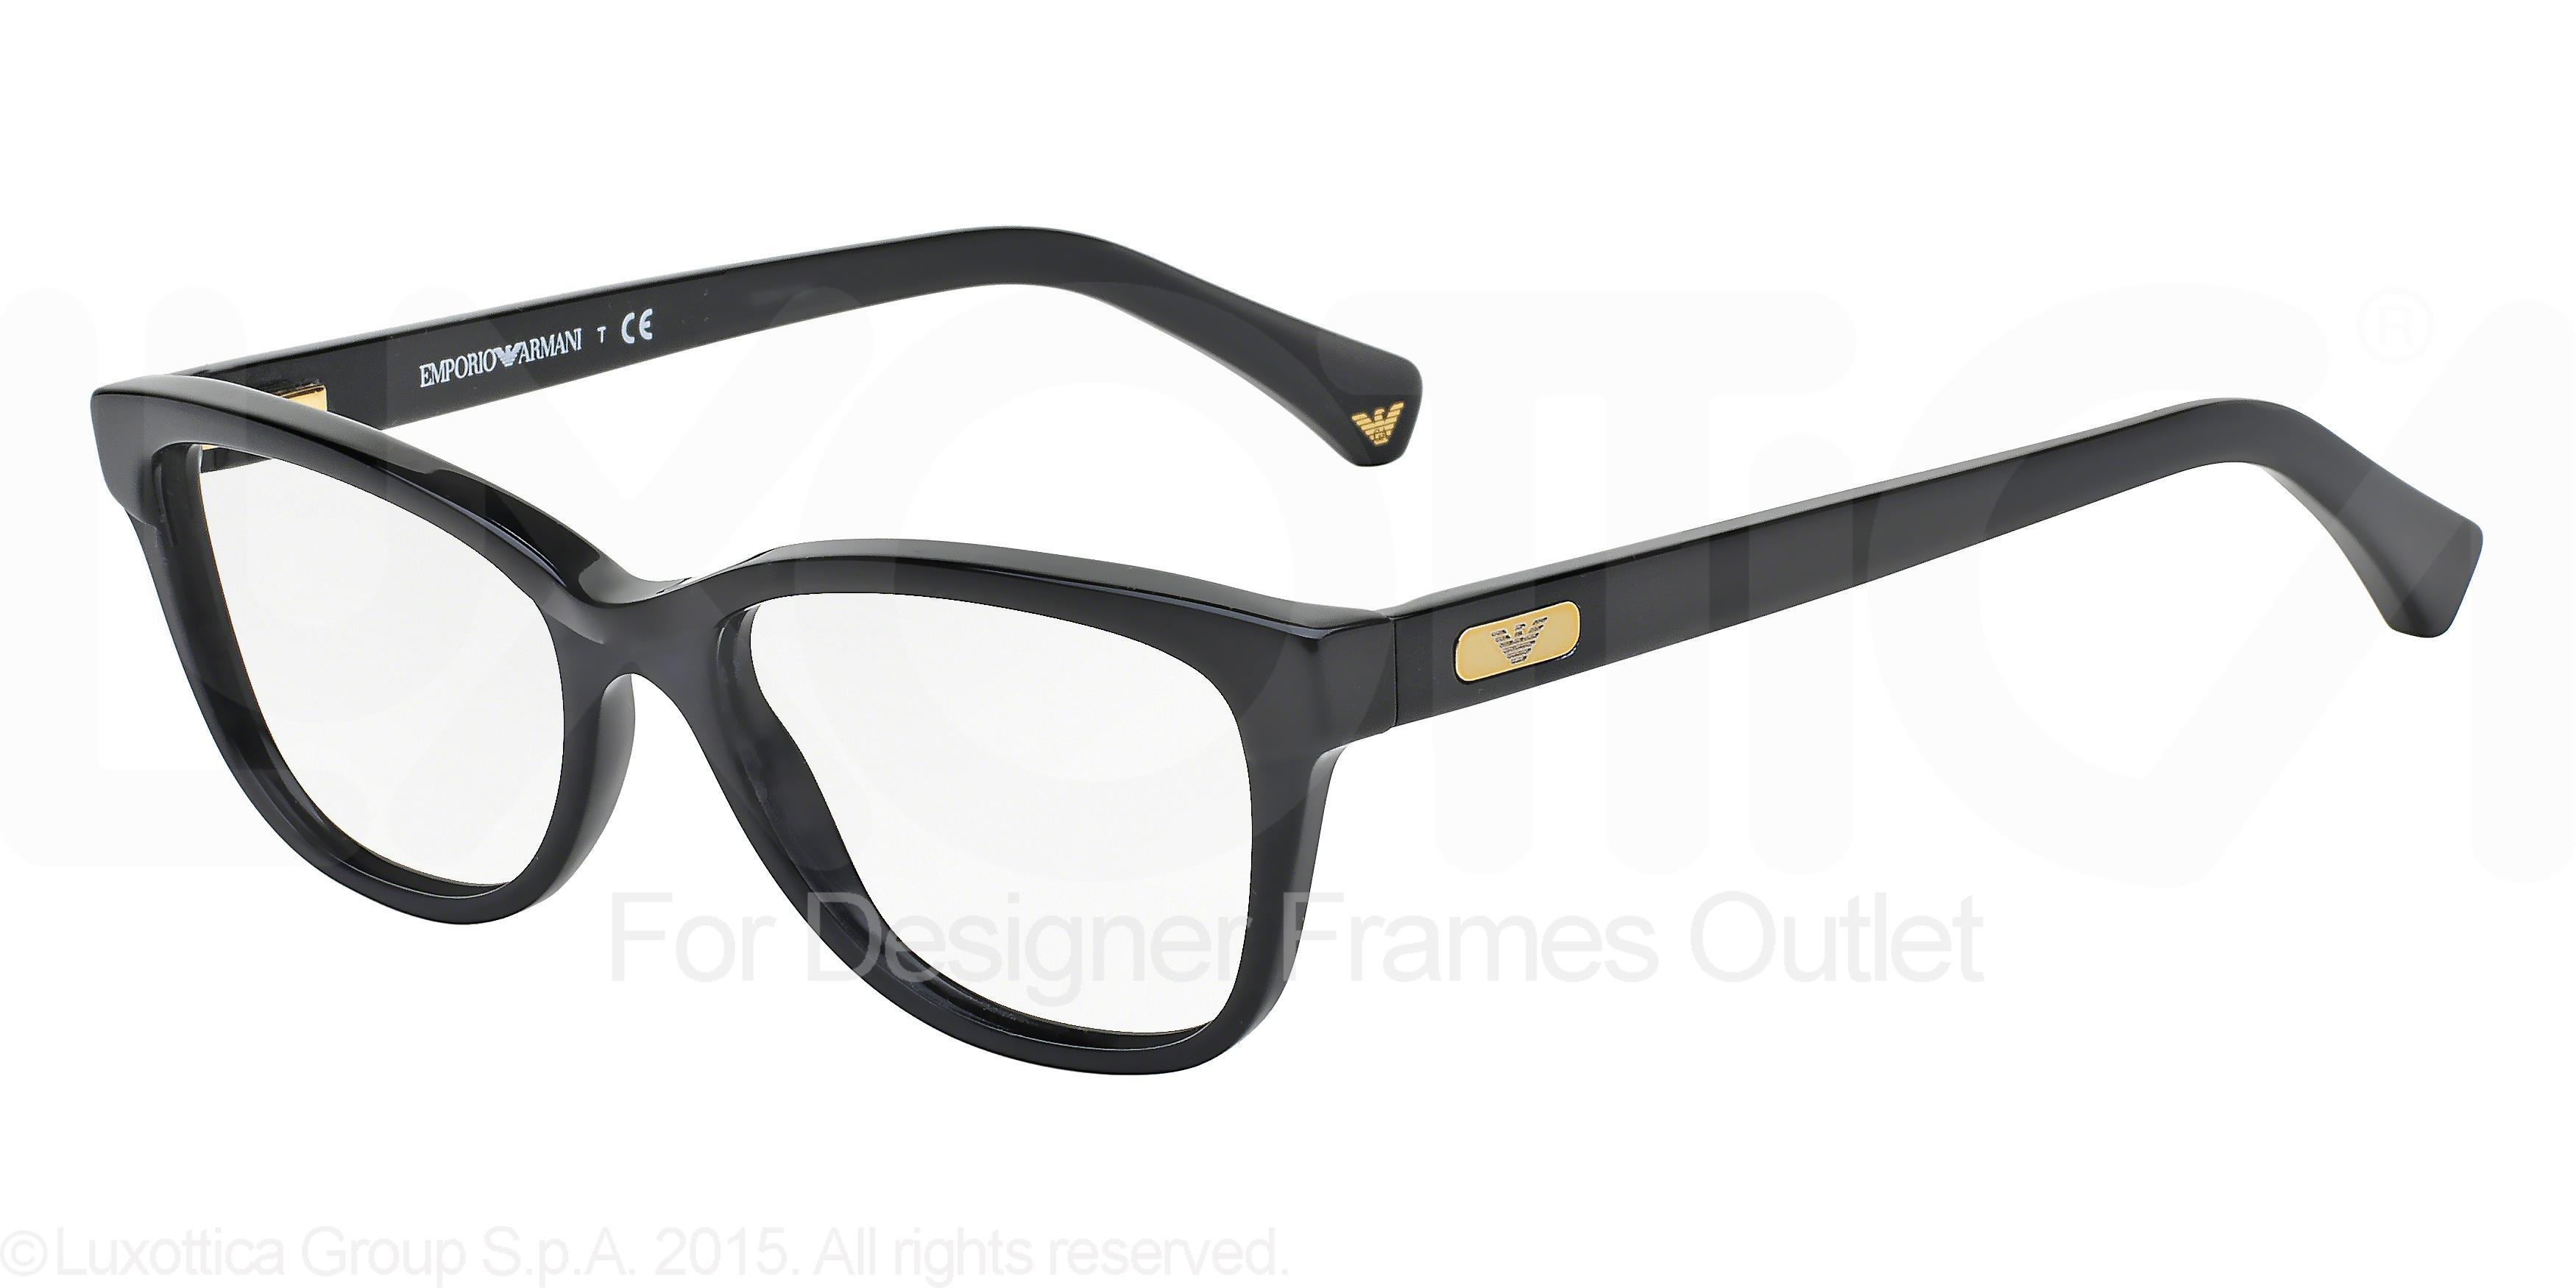 Designer Frames Outlet. Emporio Armani EA3015